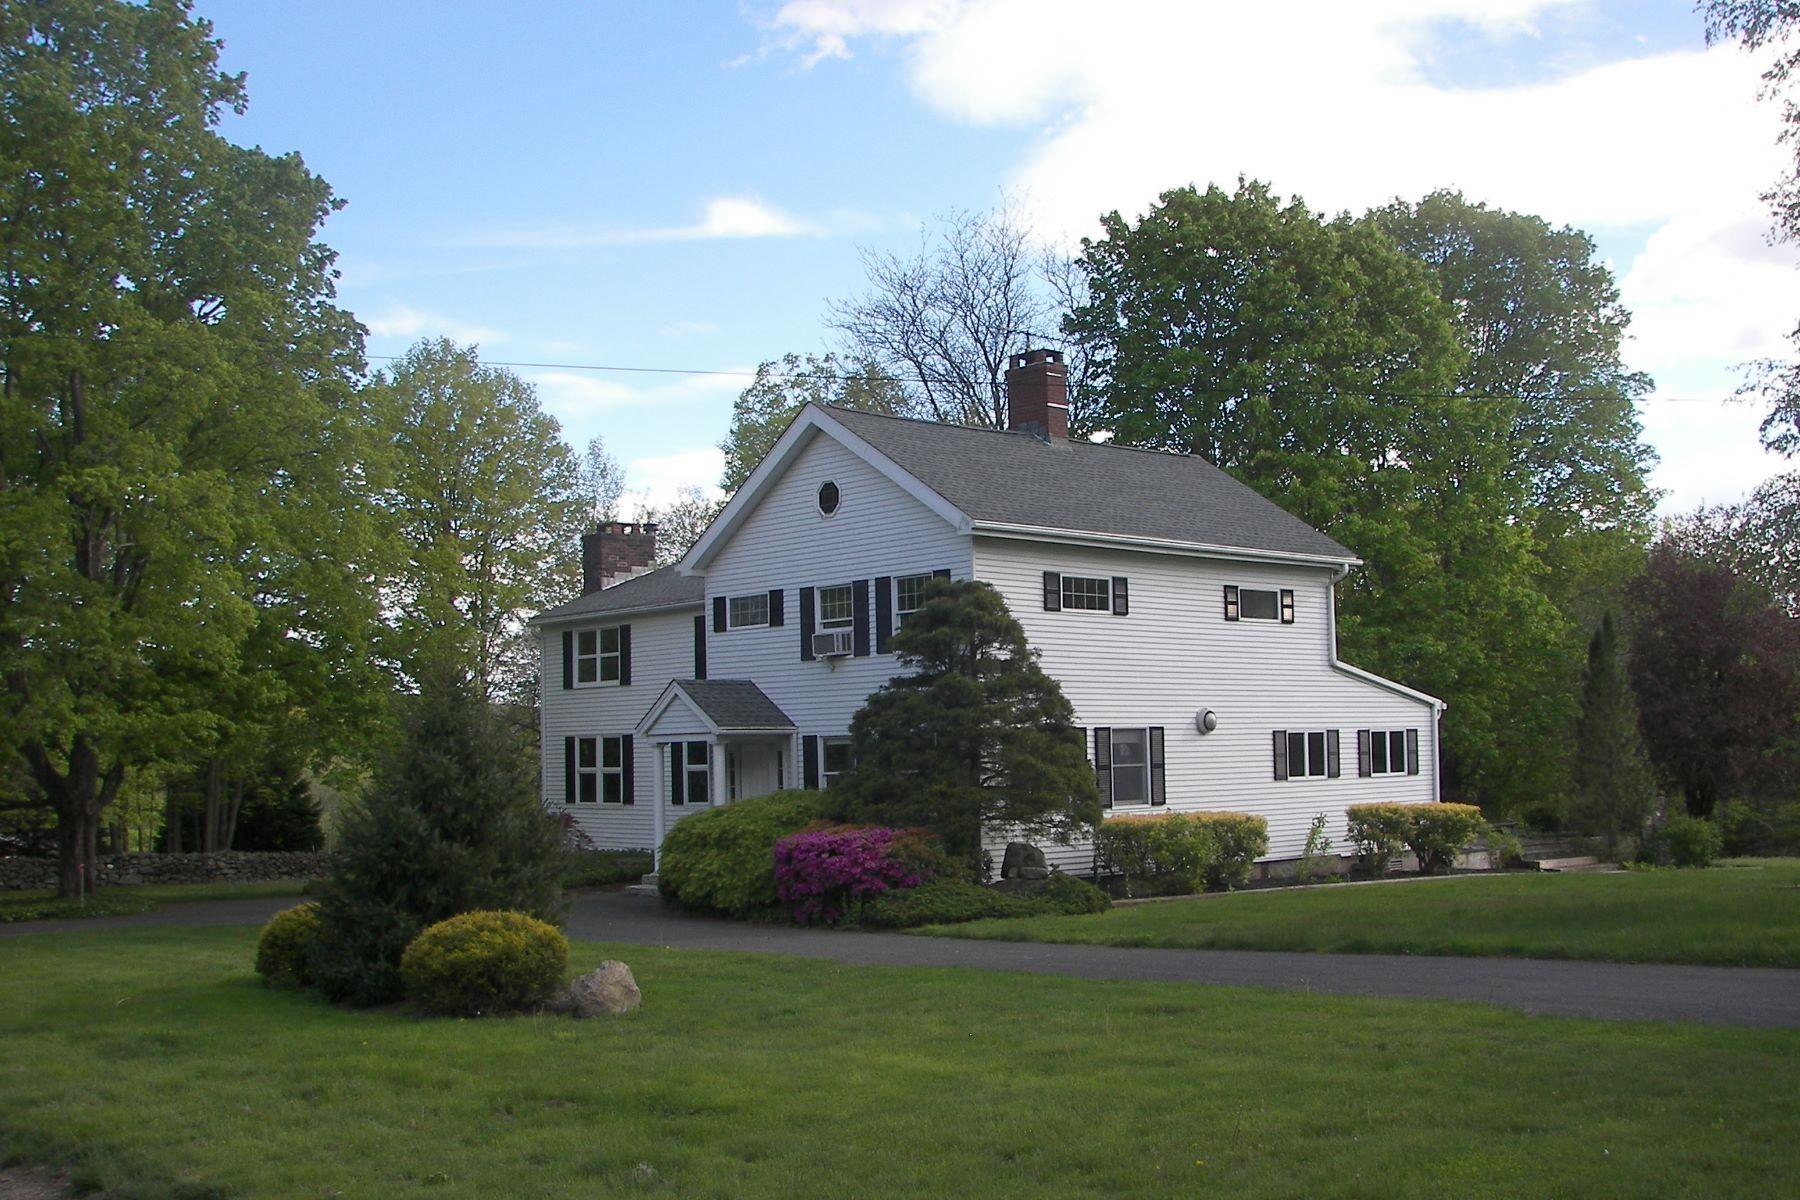 独户住宅 为 销售 在 Echo Hills Farm 197 Apple Ln 罗克斯伯里, 康涅狄格州, 06783 美国